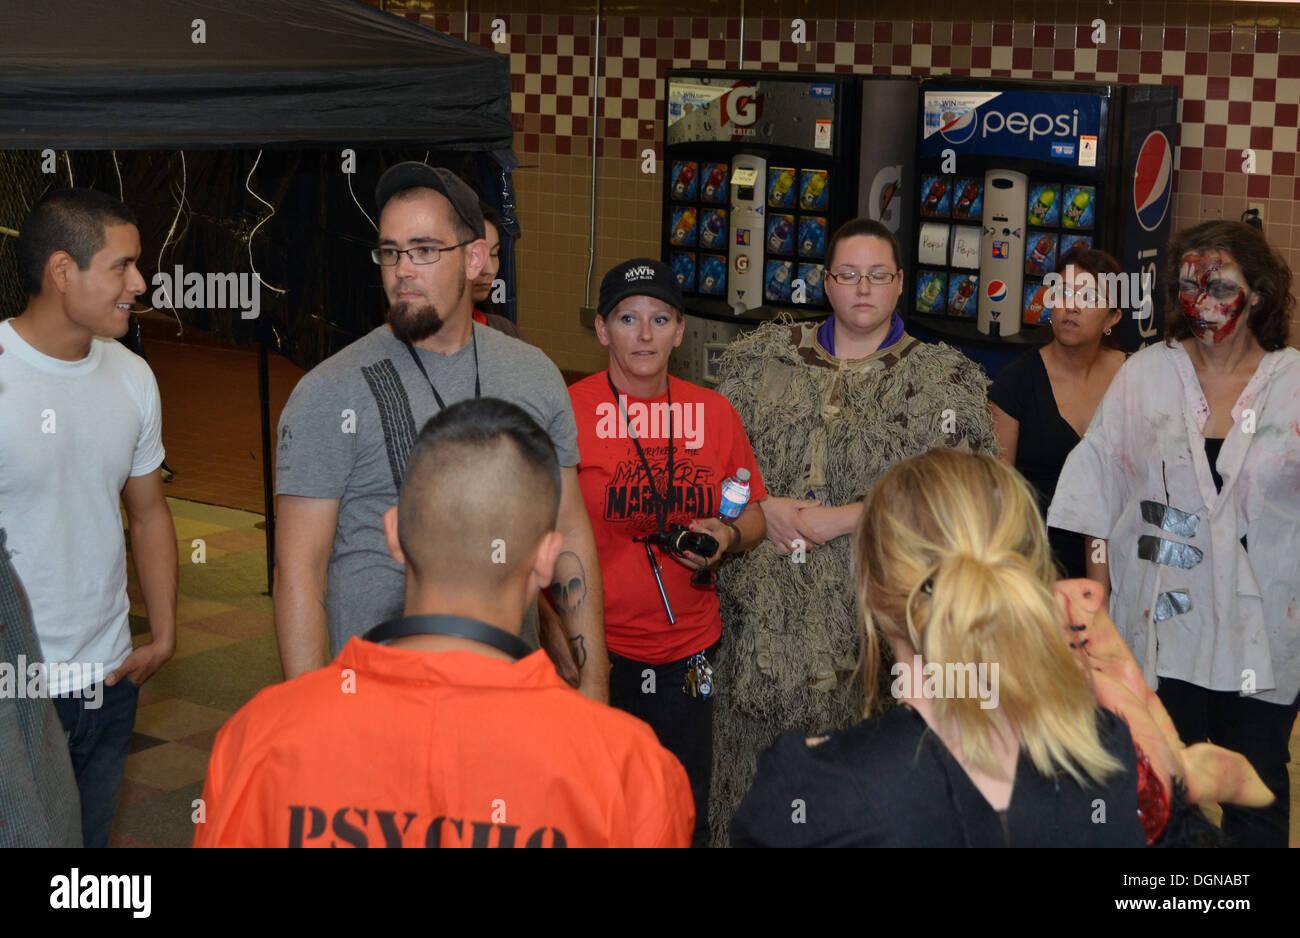 Chris Bohn, MWR eventi speciali team coordinator, mutandine volontari prima della apertura del massacro di Marshall Rd. Mercoledì sulla Fort Bliss, Texas. Bohn era il mastermind dietro il massacro di Marshall Rd. Haunted House. Immagini Stock